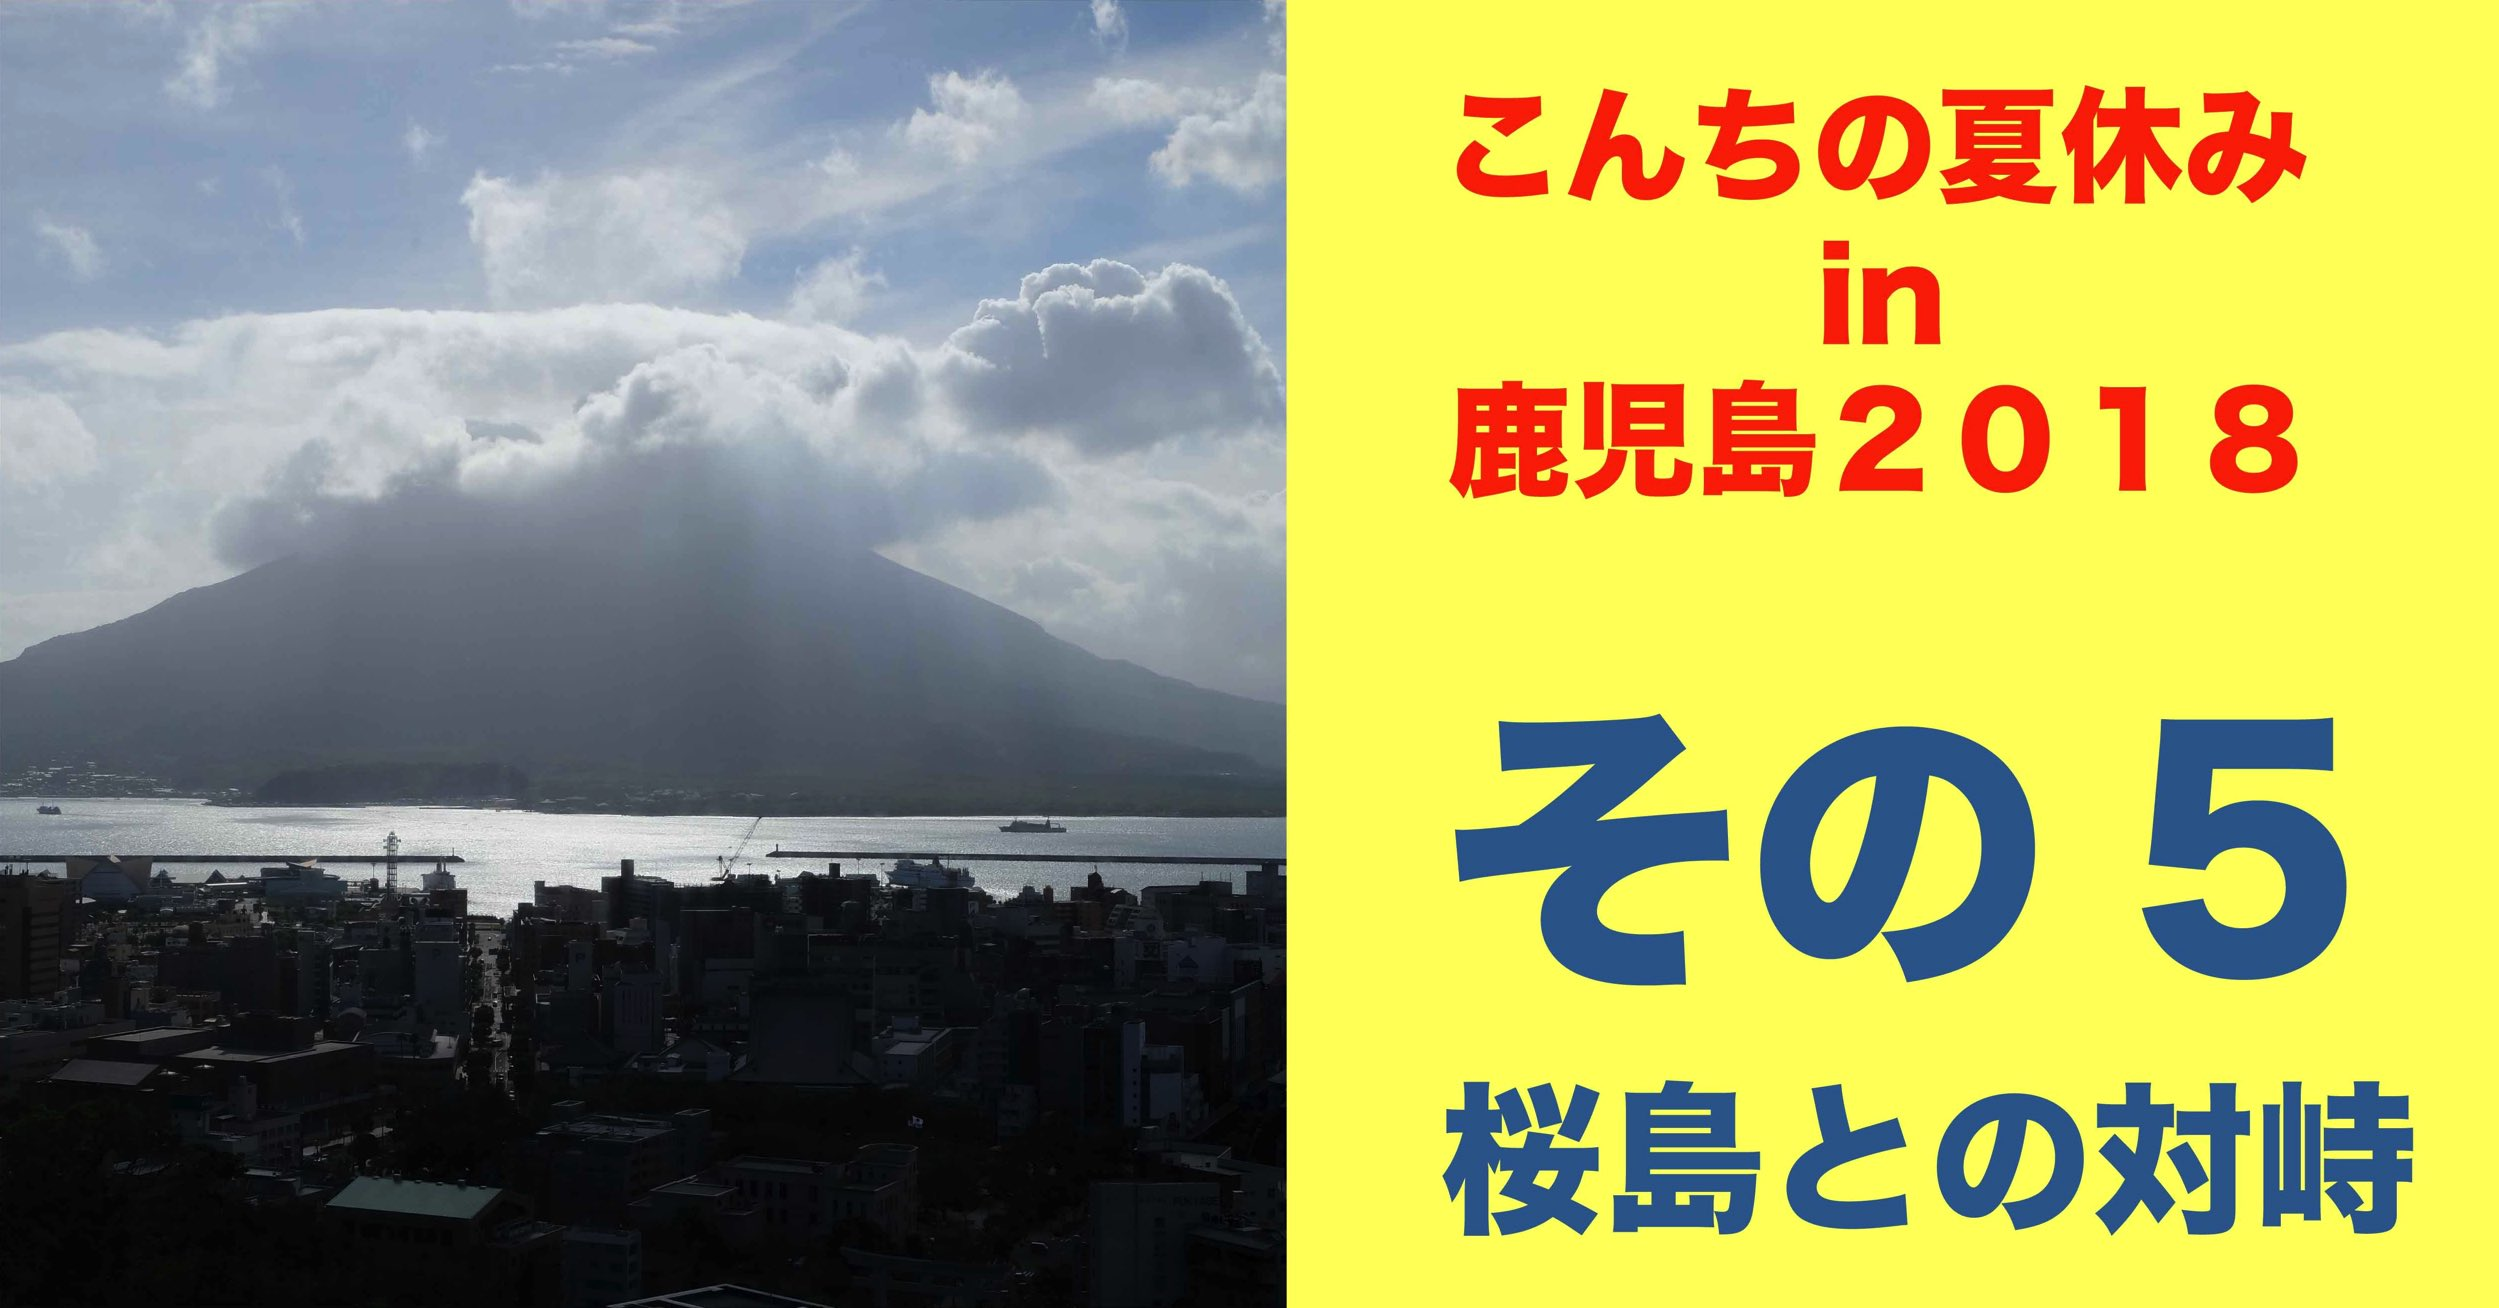 こんちの夏休み in鹿児島2018⑤〜桜島を見てきたぞ!〜